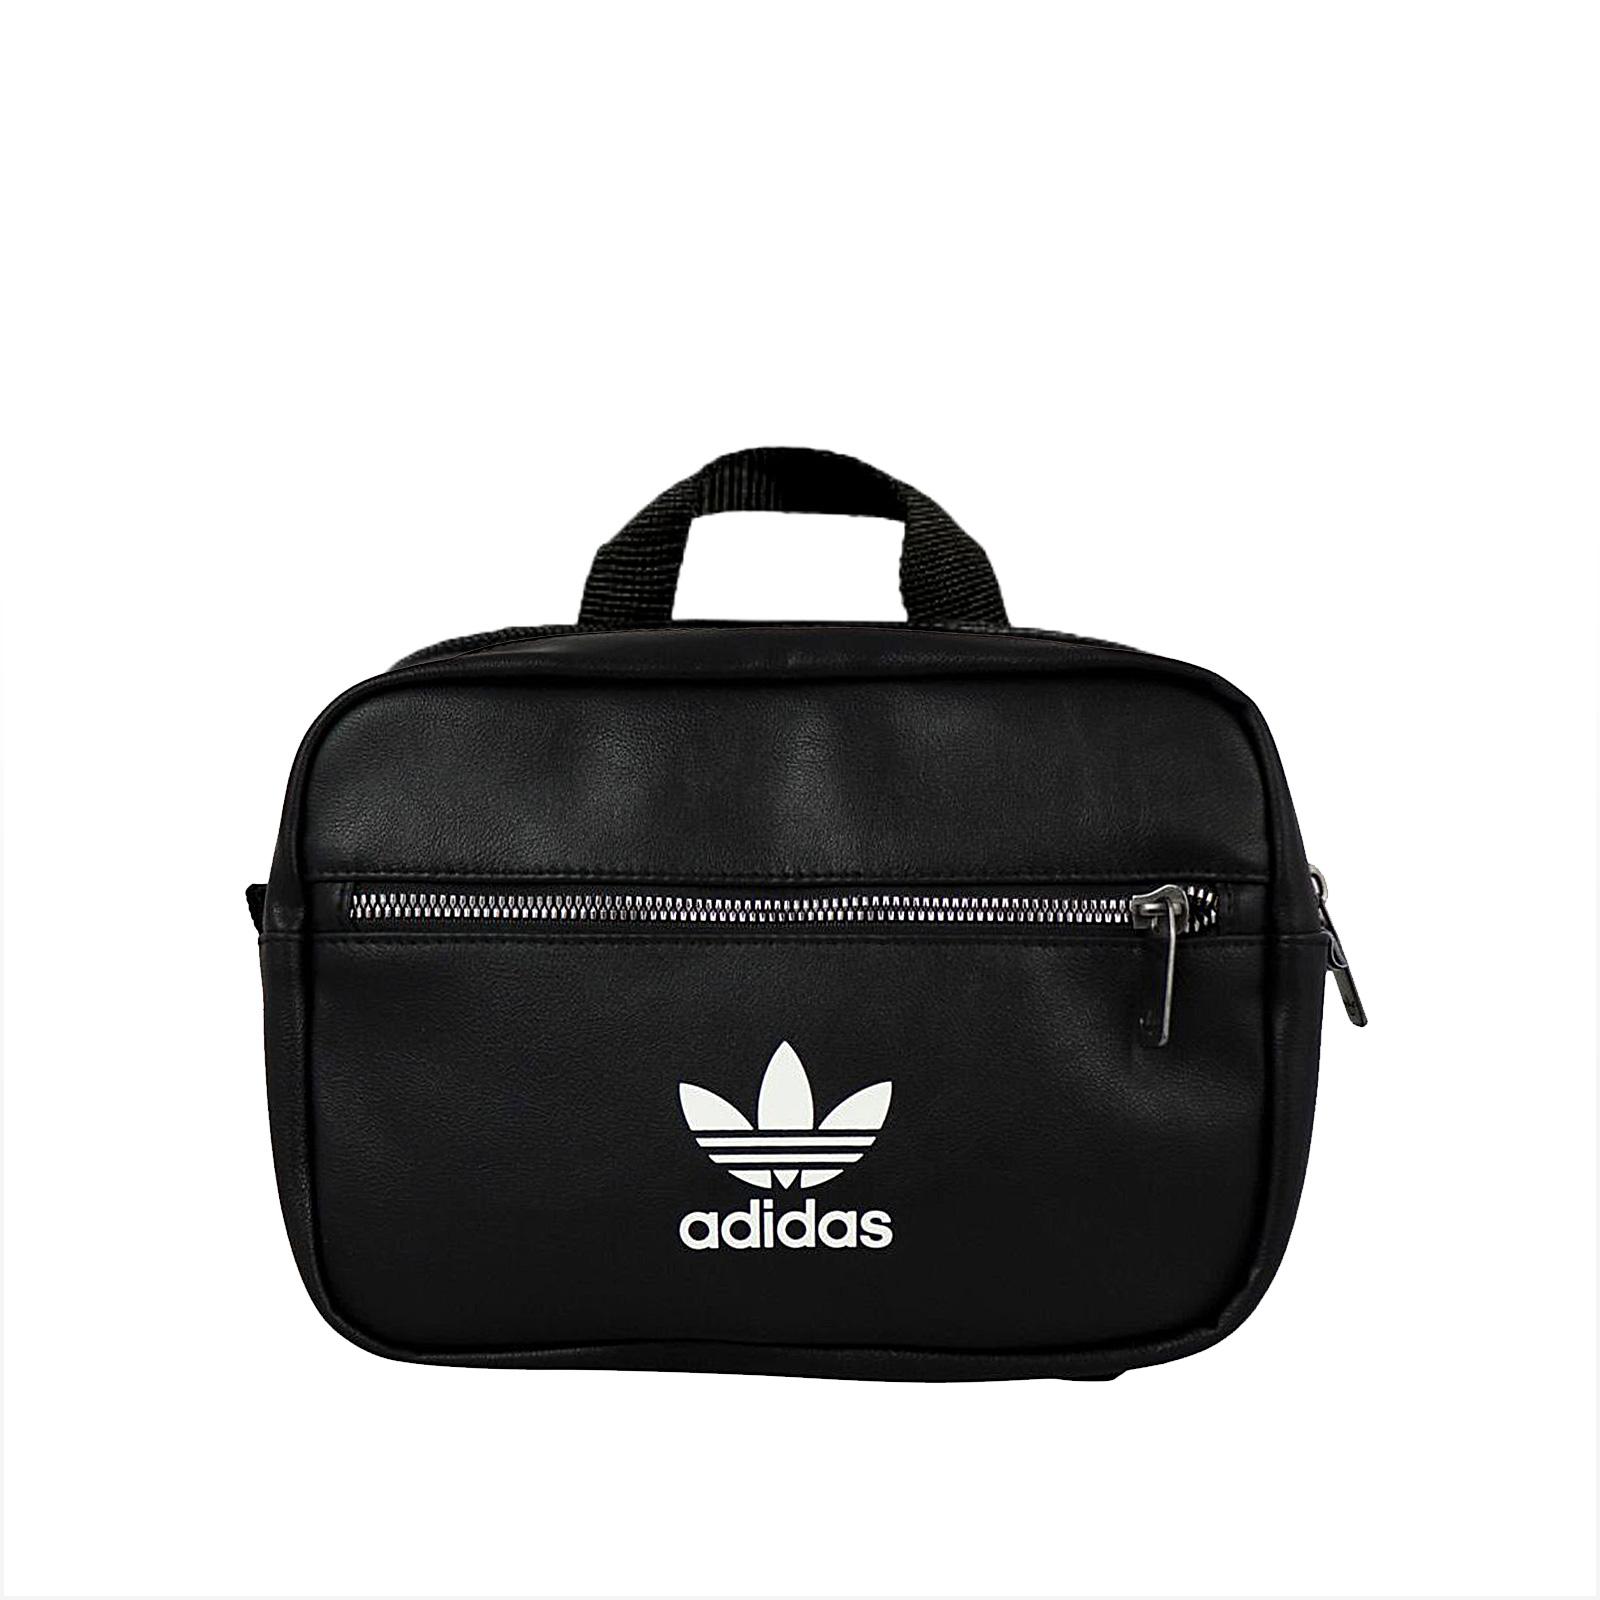 adidas Originals - BP MINI AIRL - BLACK